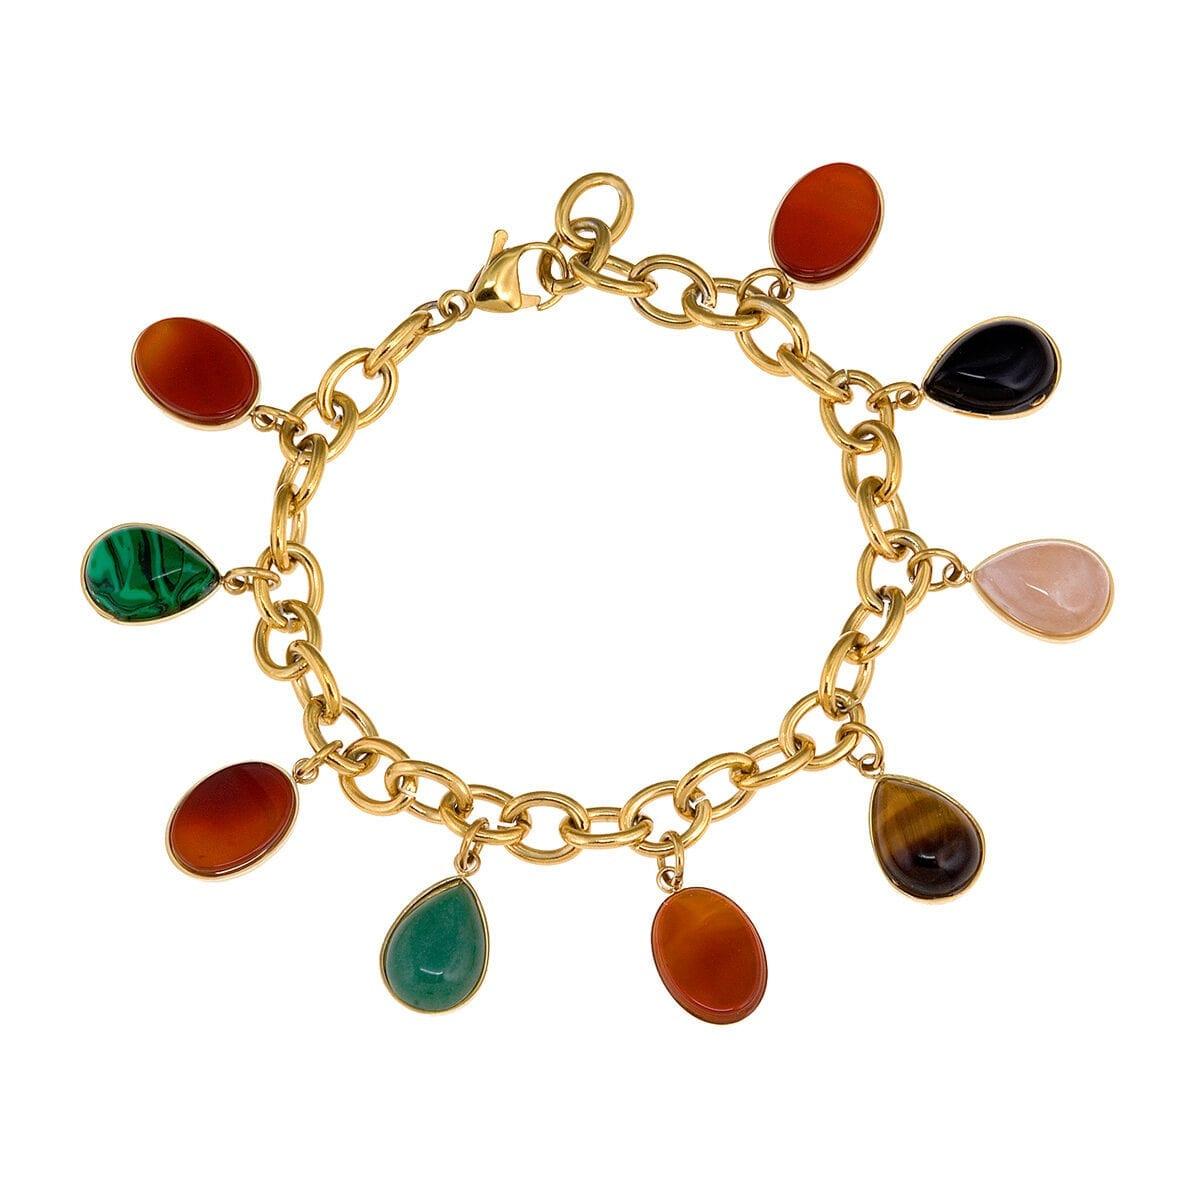 Alicia-bracelet-gold-